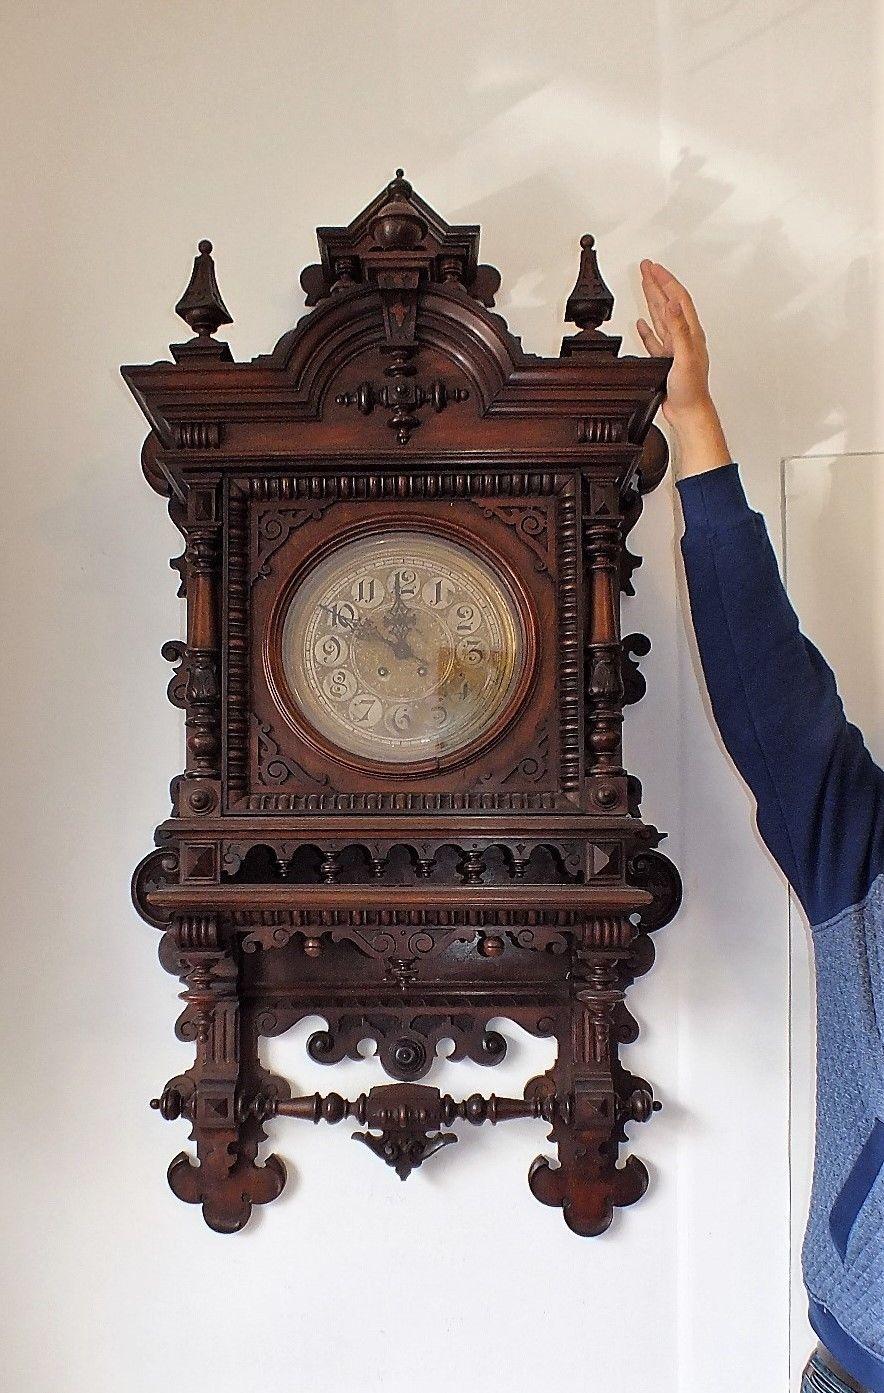 135cm H X 70cm B Gegantische Lenzkirch Gutsherrenuhr Wanduhr Regulator Aus 1895 Ebay Wanduhr Antike Uhren Uhren Herren